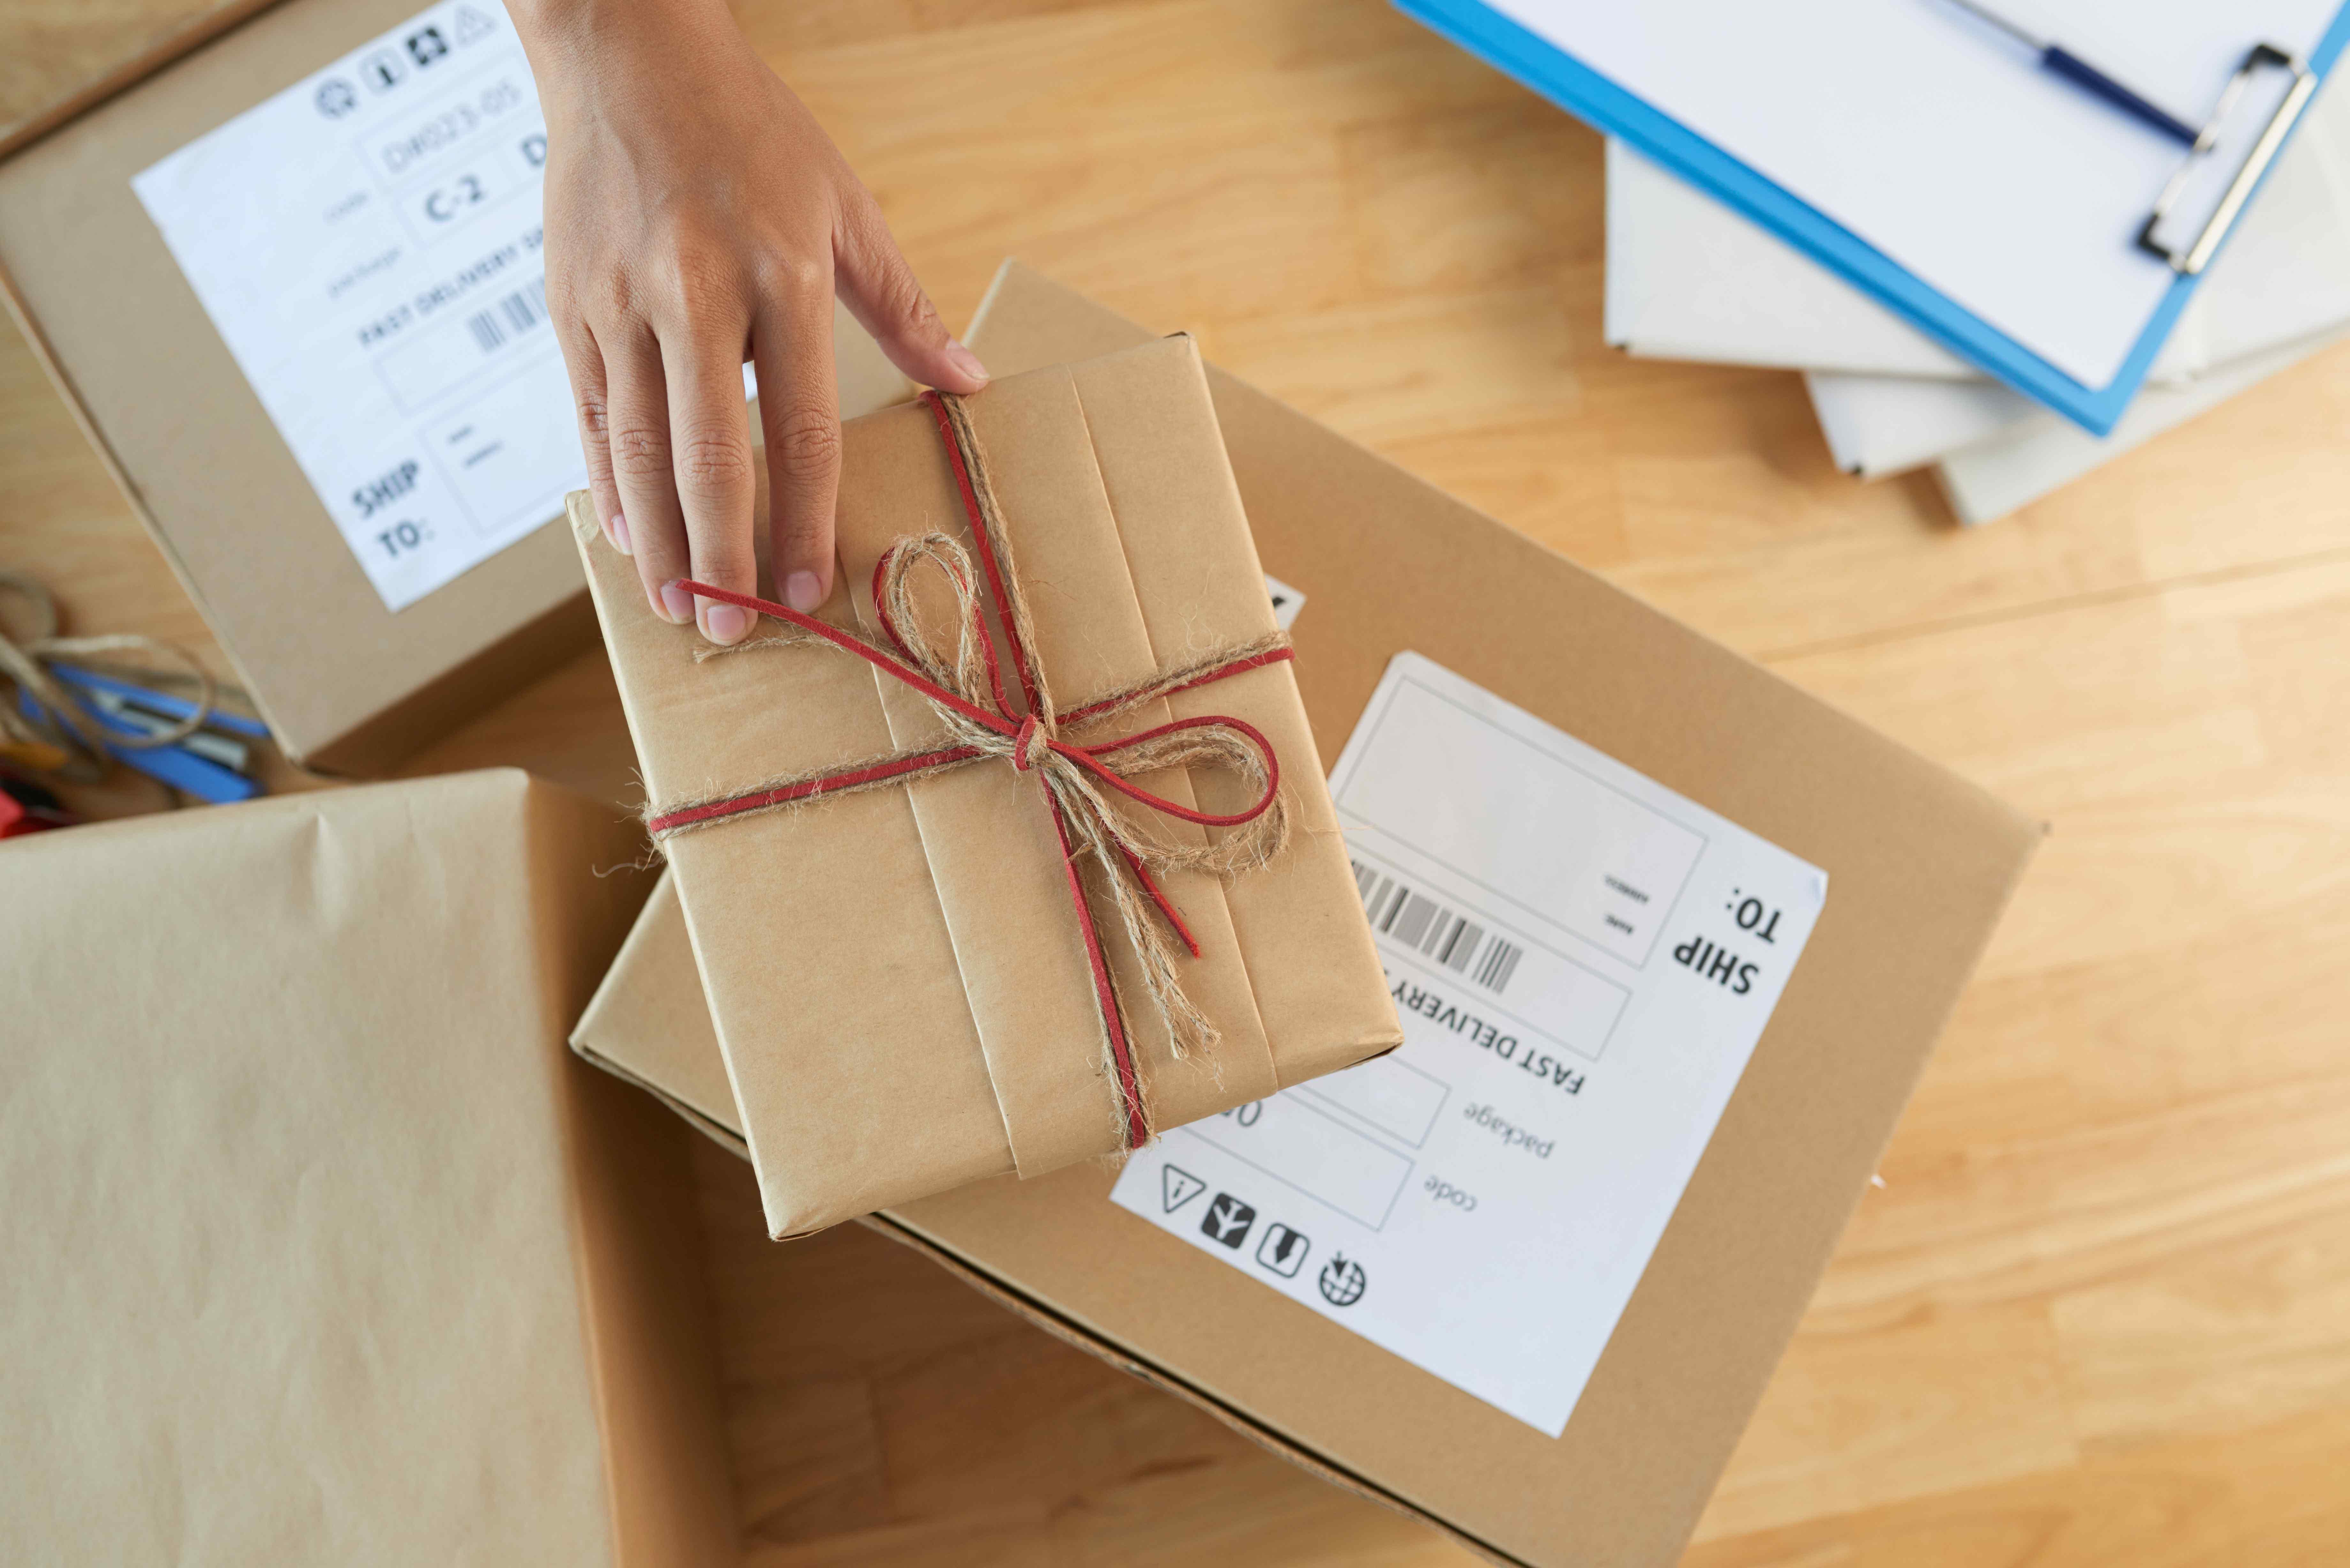 Ile czasu trwa przesłanie paczki? Porównanie różnych metod przesyłania.